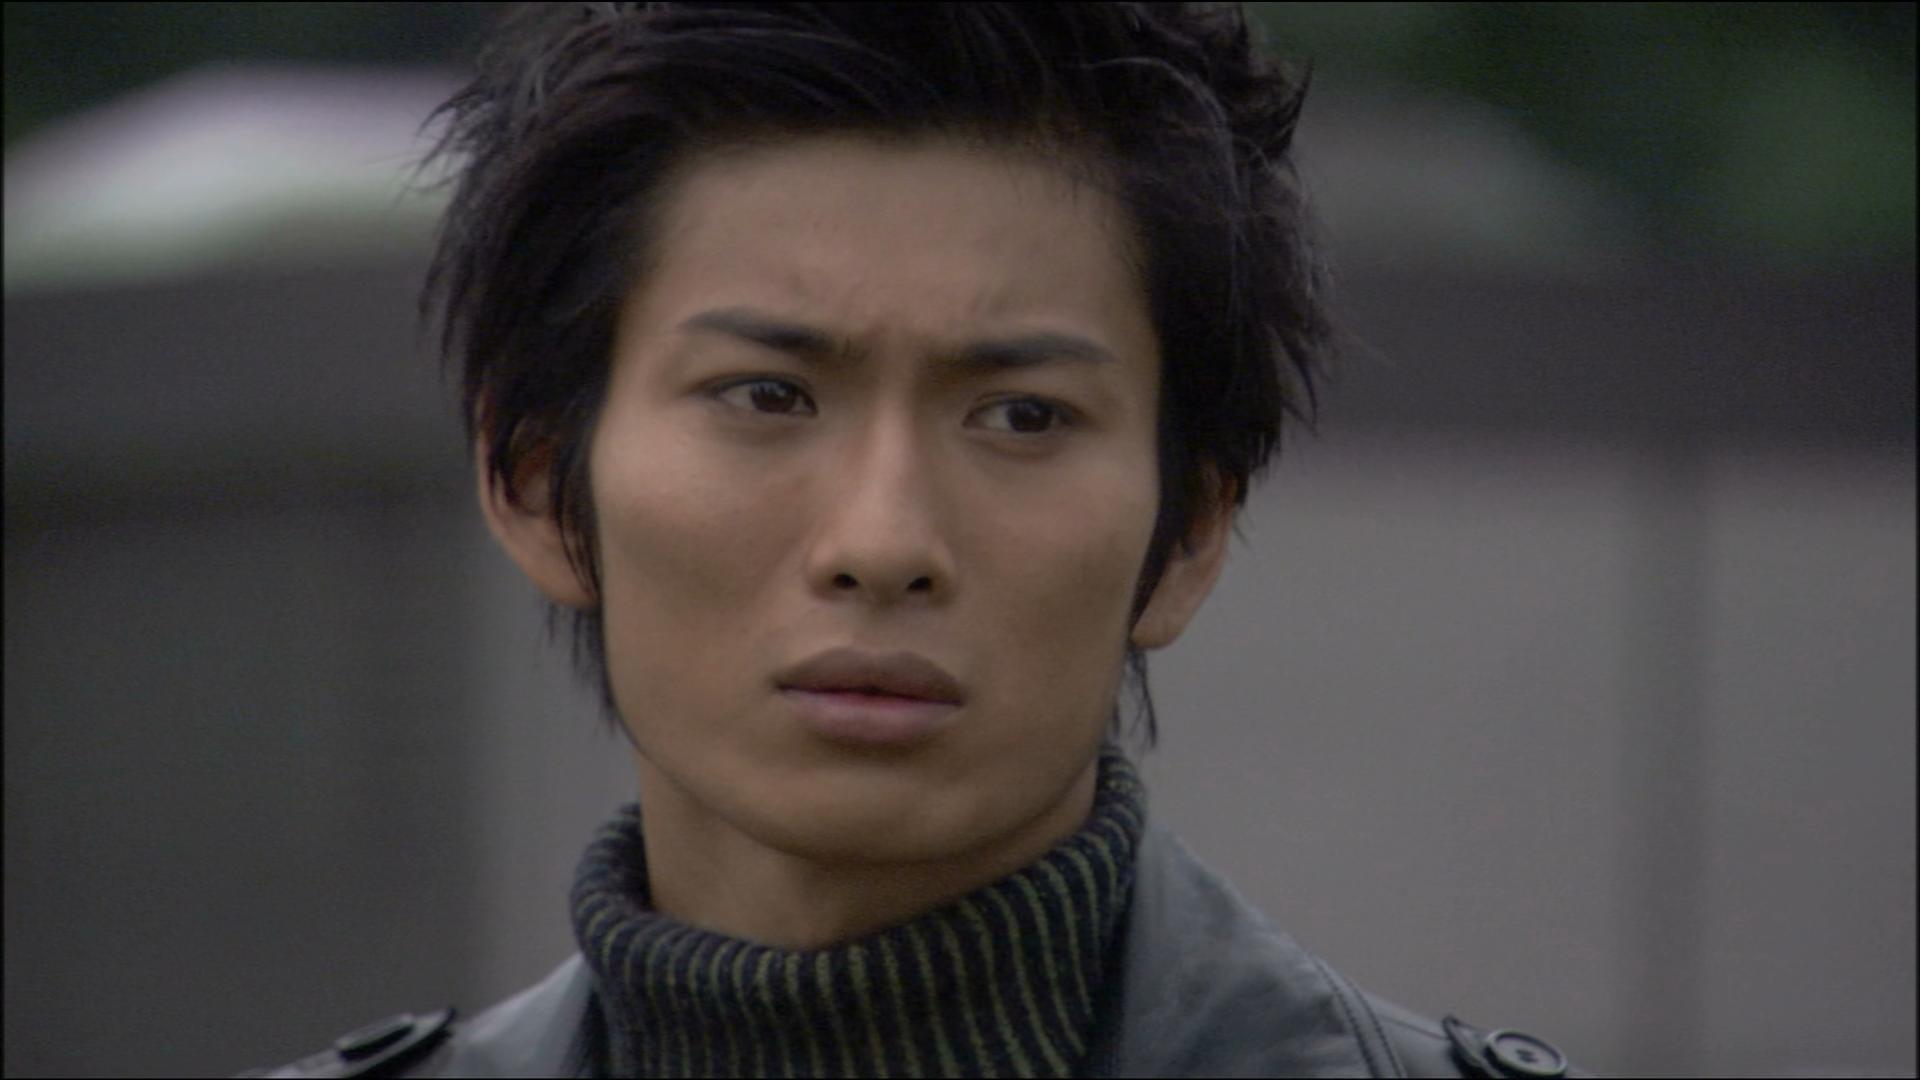 Ren Akiyama/Episode Final